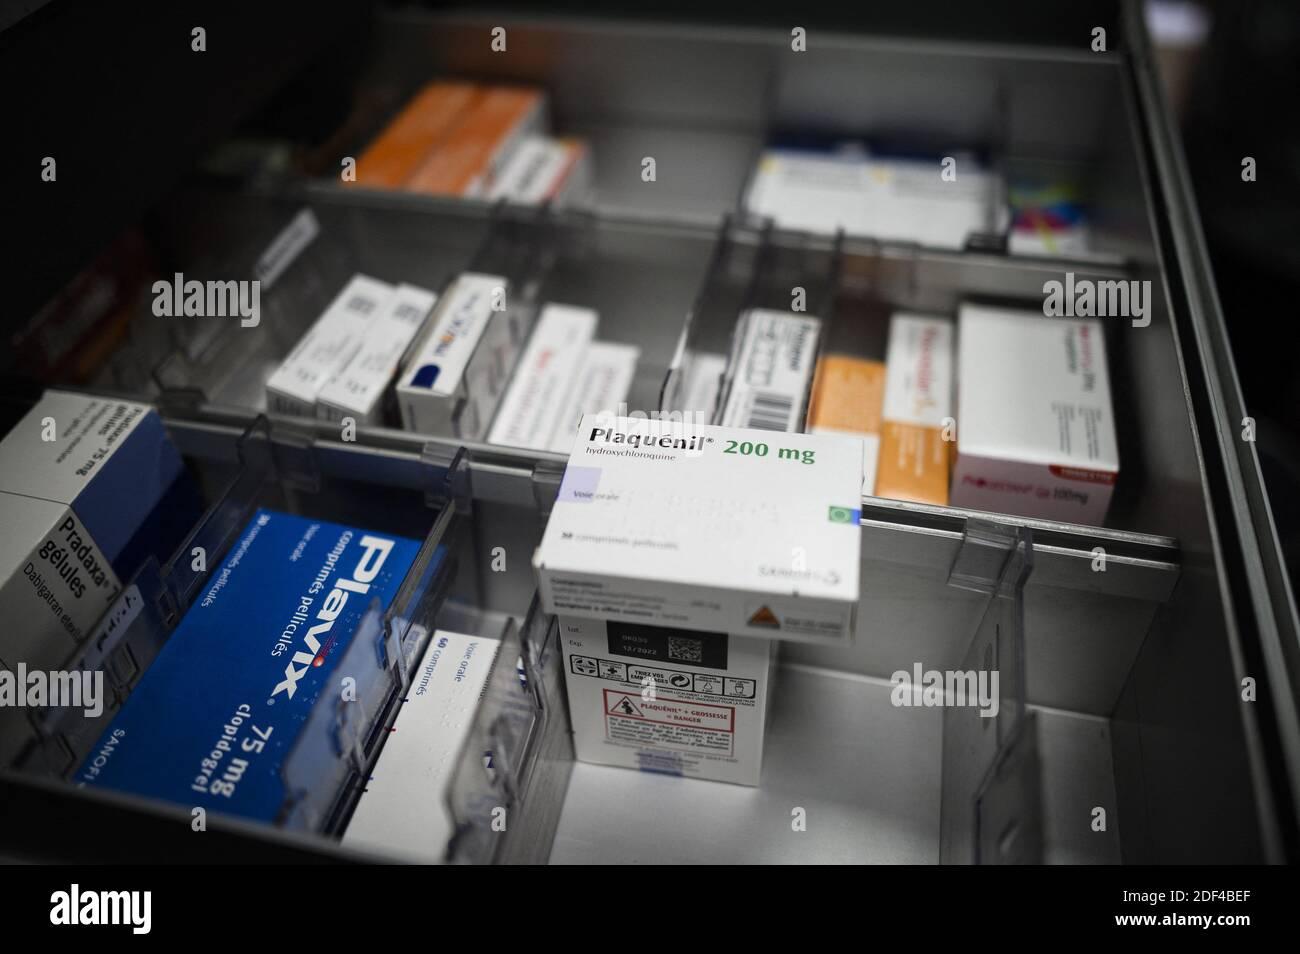 """Una scatola di Plaquenil (o clorochina, idrossiclorochina) il 30 marzo 2020 a Parigi, Francia. La clorochina è un farmaco anti-malaria, usato sia per prevenire la malattia che per curare. È noto con il marchio Nivaquine o, per idrossiclorochina, Plaquenil ed è la forma sintetica di chinina. Domenica, il Dipartimento della Salute e dei servizi umani degli Stati Uniti (HHS) ha dichiarato in una dichiarazione che la clorochina e l'idrossiclorochina potrebbero essere prescritti agli adolescenti e agli adulti con COVID-19 """"come appropriato, quando uno studio clinico non è disponibile o fattibile,"""" dopo che la FDA ha rilasciato un'autorizzazione per l'uso di emergenza. Foto Stock"""